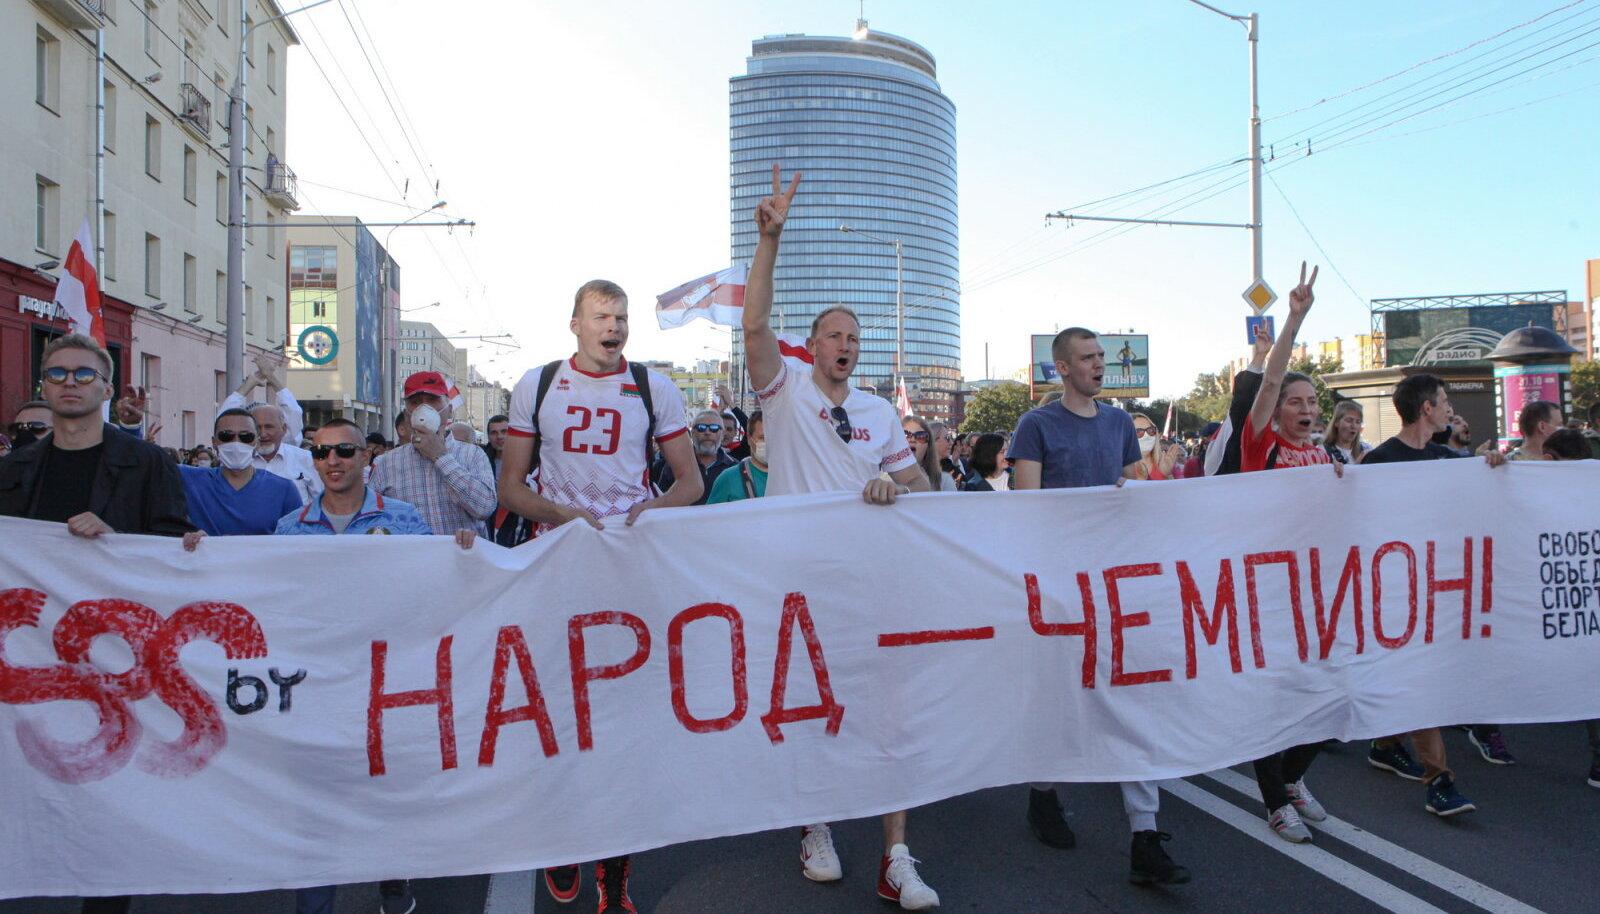 """Спортсмены из объединения SOS, открыто выступающие против насилия силовиков и действия властей во время марта протеста 20 сентября 2020 года в Минске. В шествии под названием """"Марш справедливости"""", в котором приняло участие более 100 тысяч человек."""